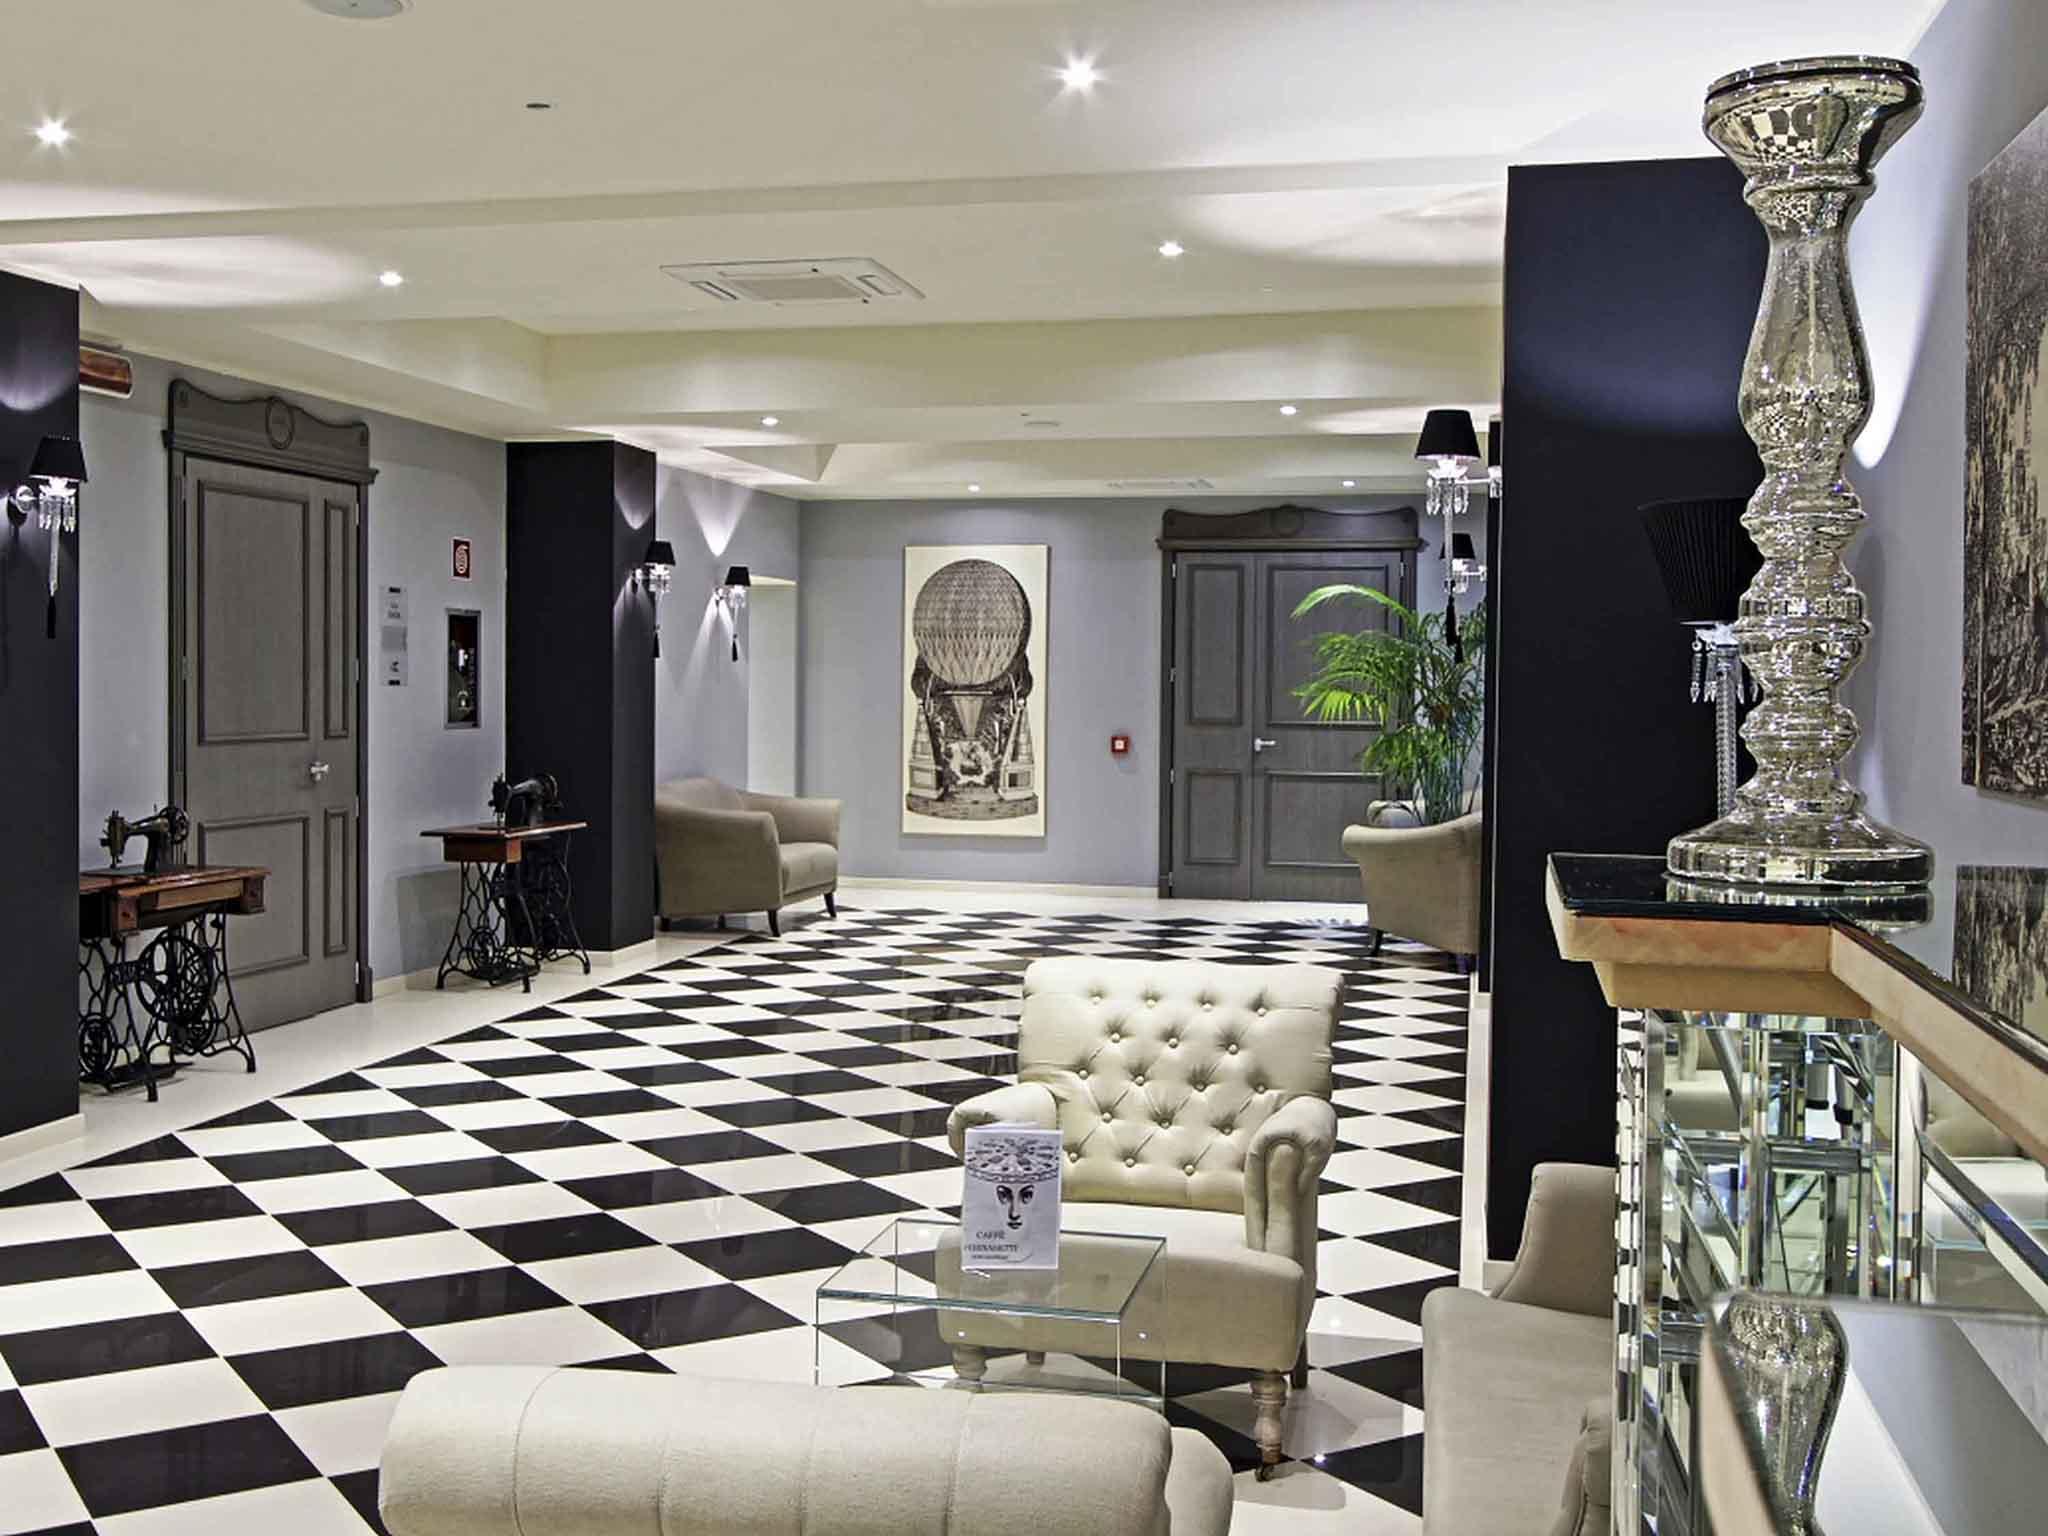 Hotel in casalecchio di reno boutique hotel calzavecchio for Hotel a casalecchio di reno